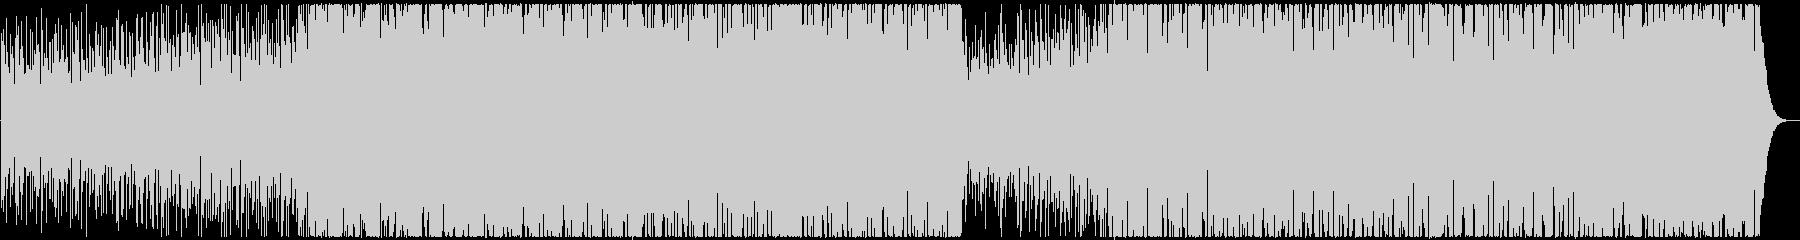 動画CM明るく切ないミドルテンポのEDMの未再生の波形